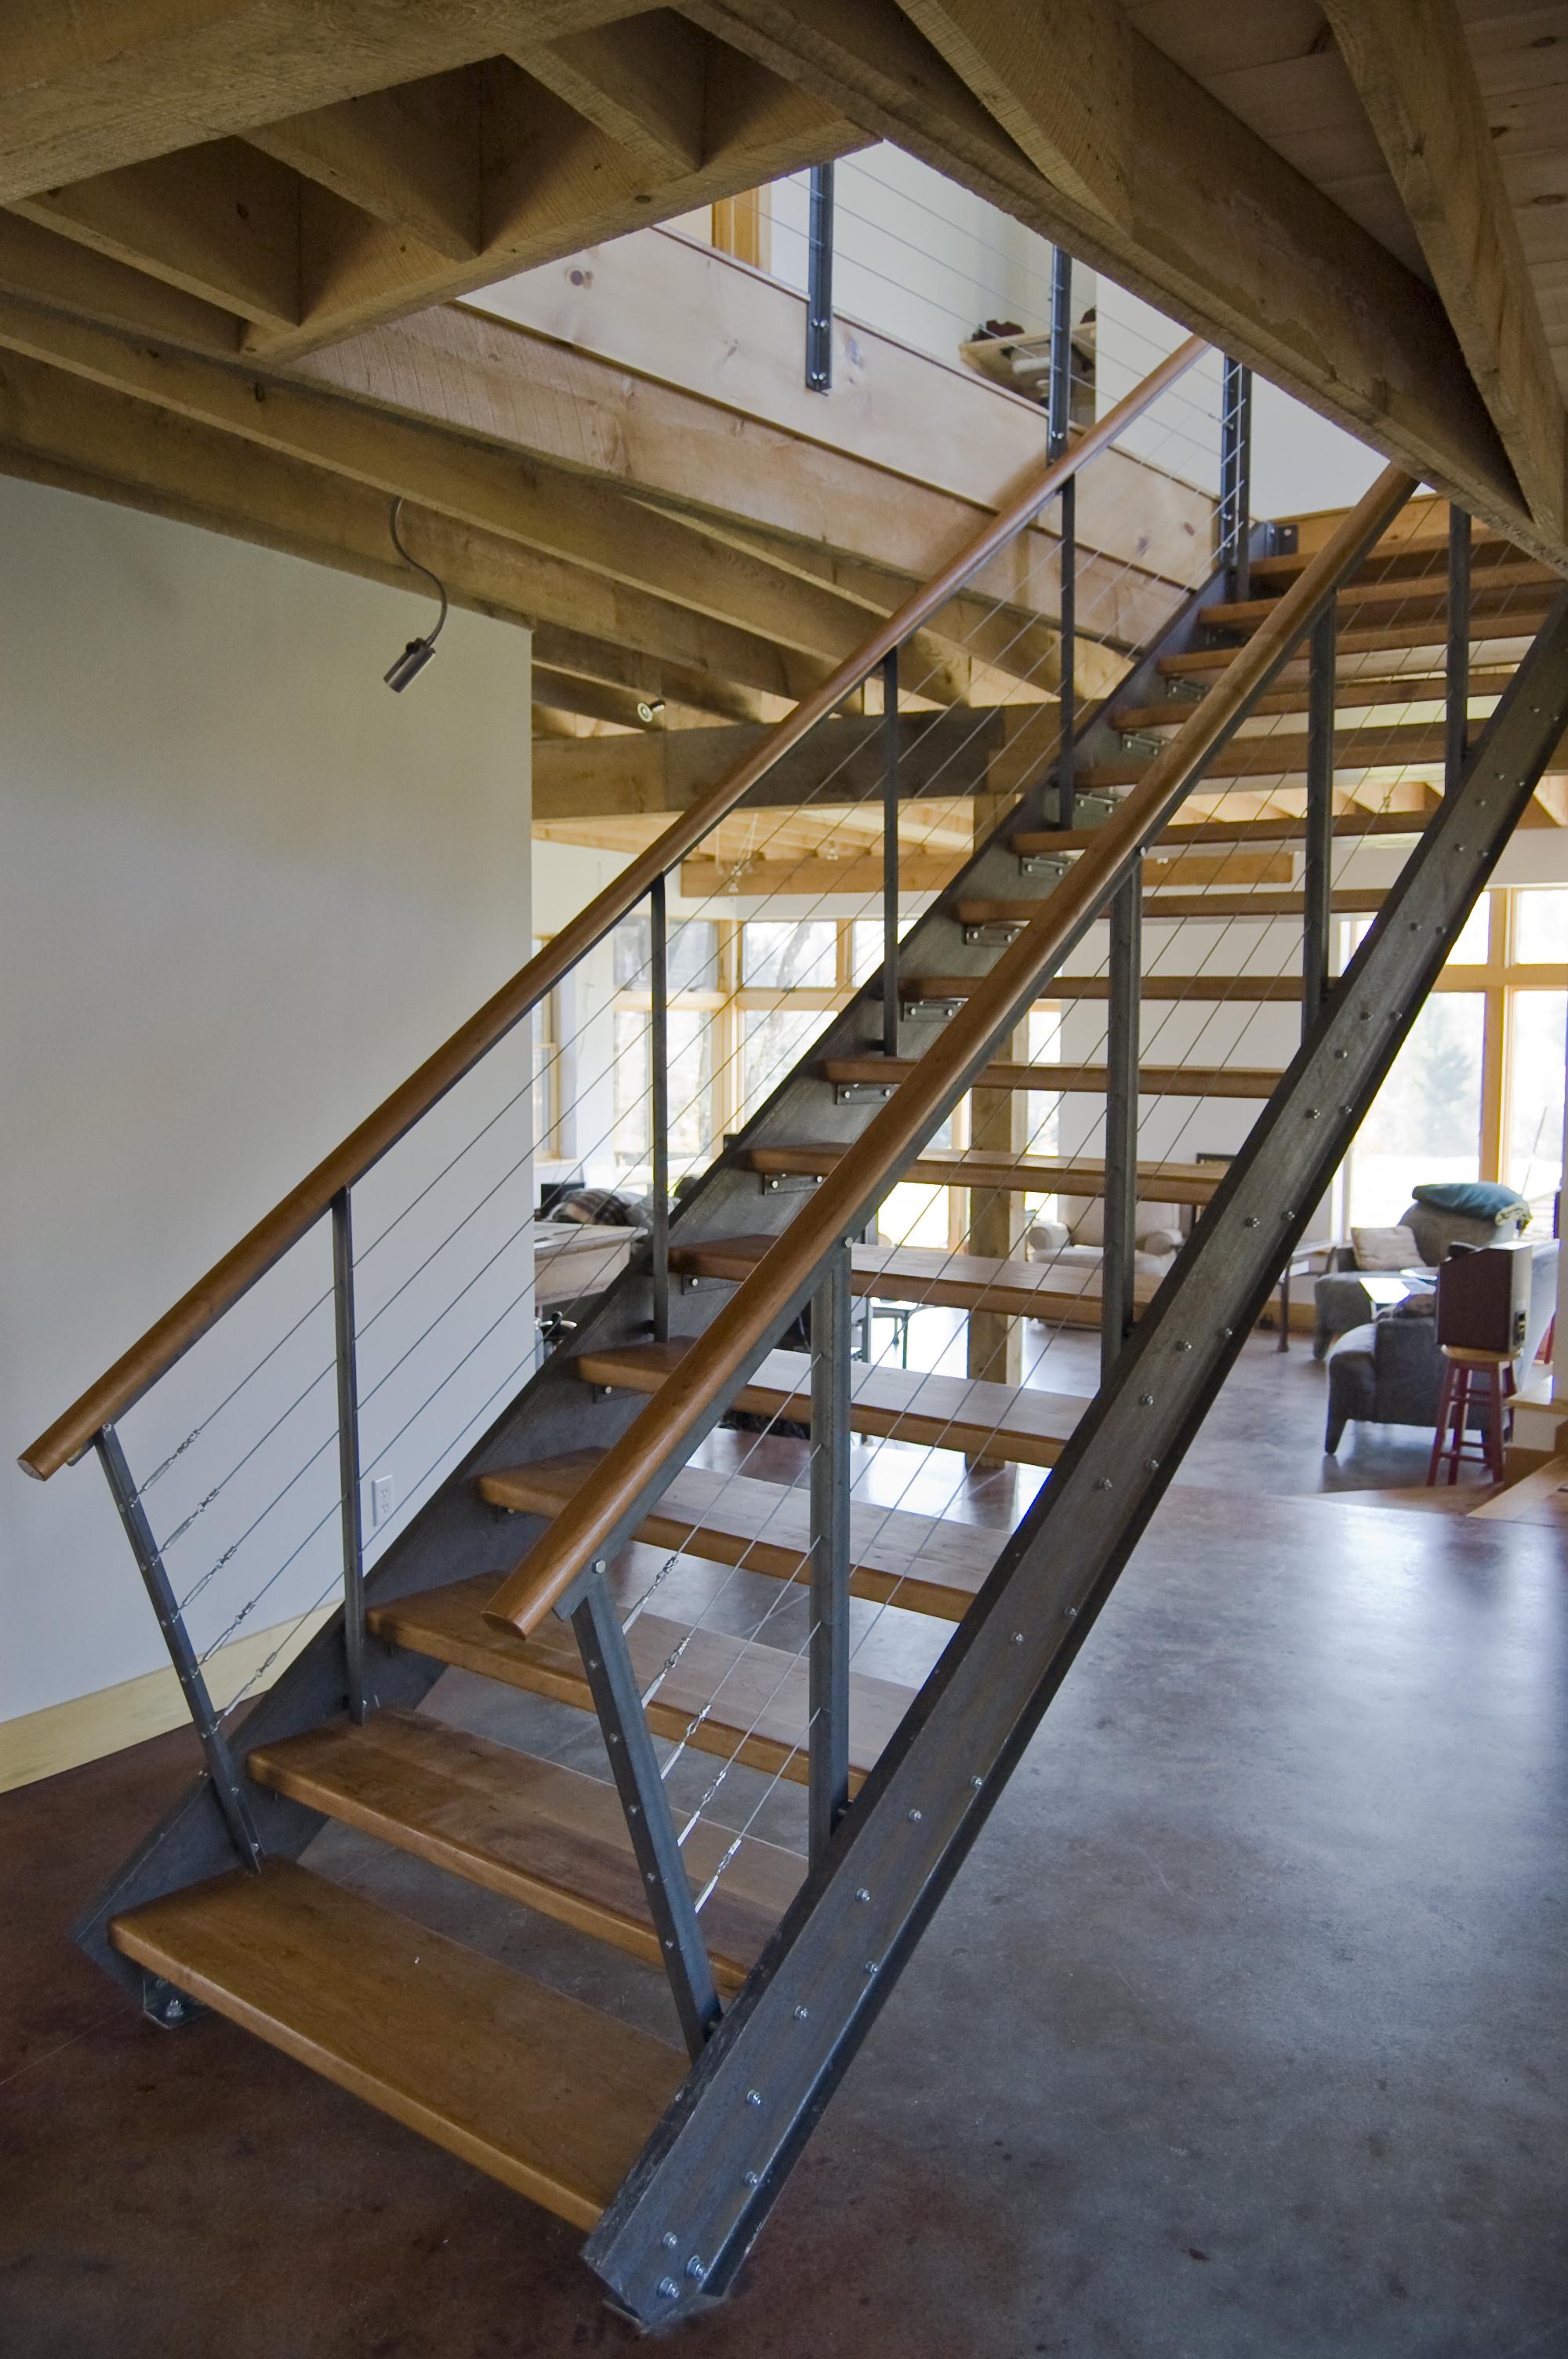 higley_stair.jpg